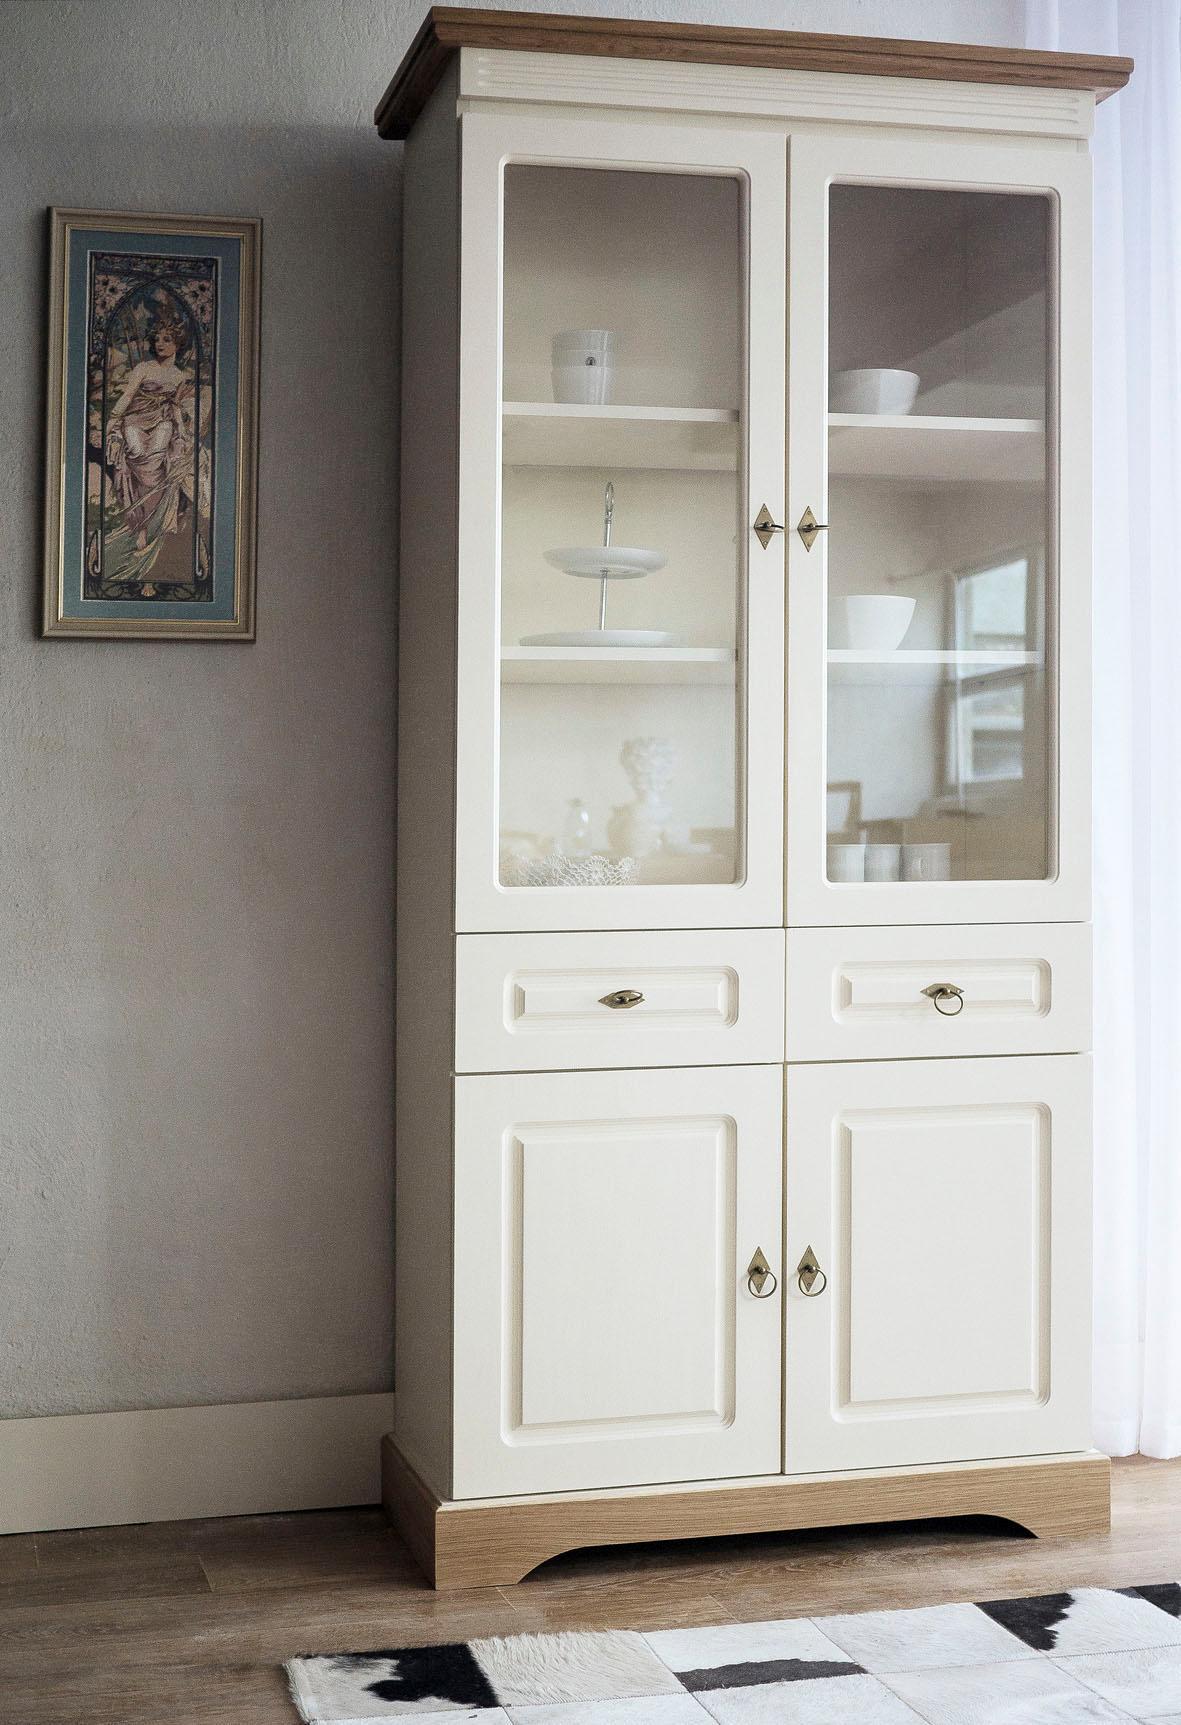 gelb massivholz standvitrinen online kaufen m bel suchmaschine. Black Bedroom Furniture Sets. Home Design Ideas